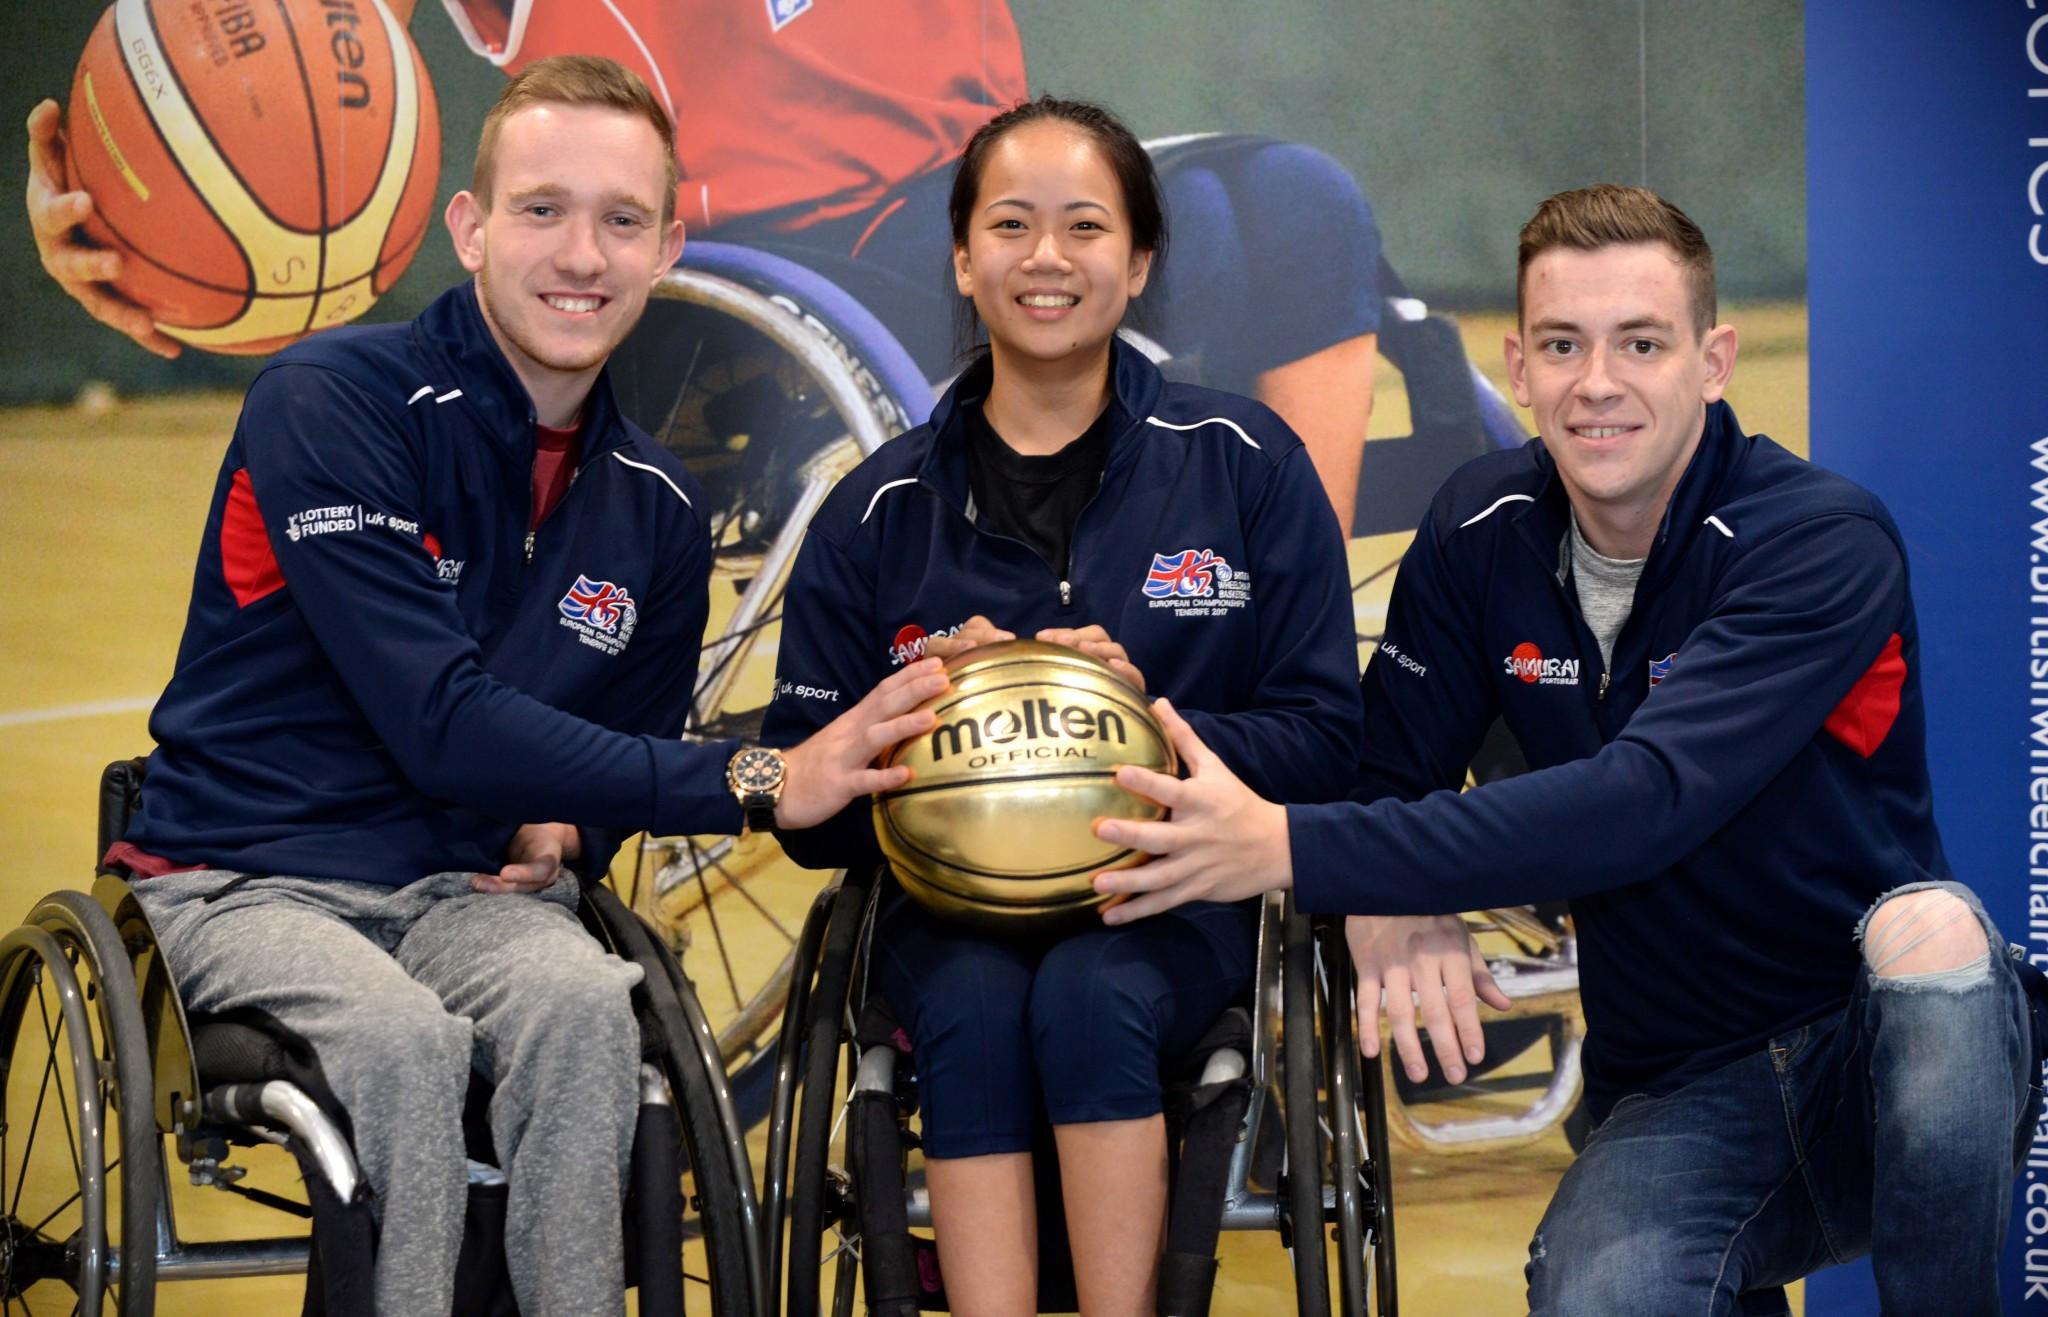 British Wheelchair Basketball announces Molten as official ball for Tokyo 2020 cycle